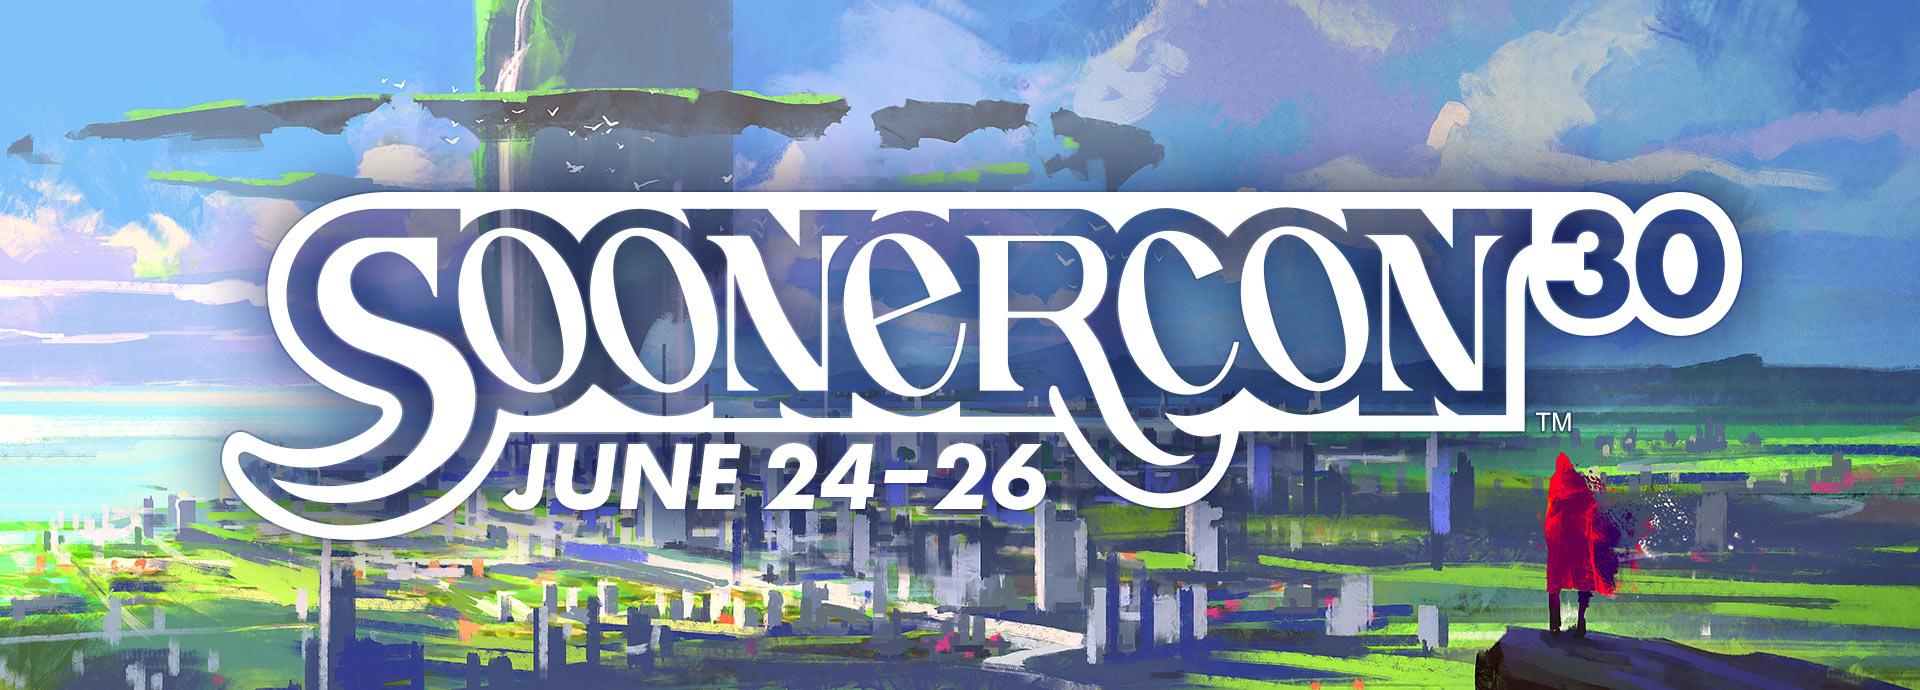 SoonerCon 30 June 24-26